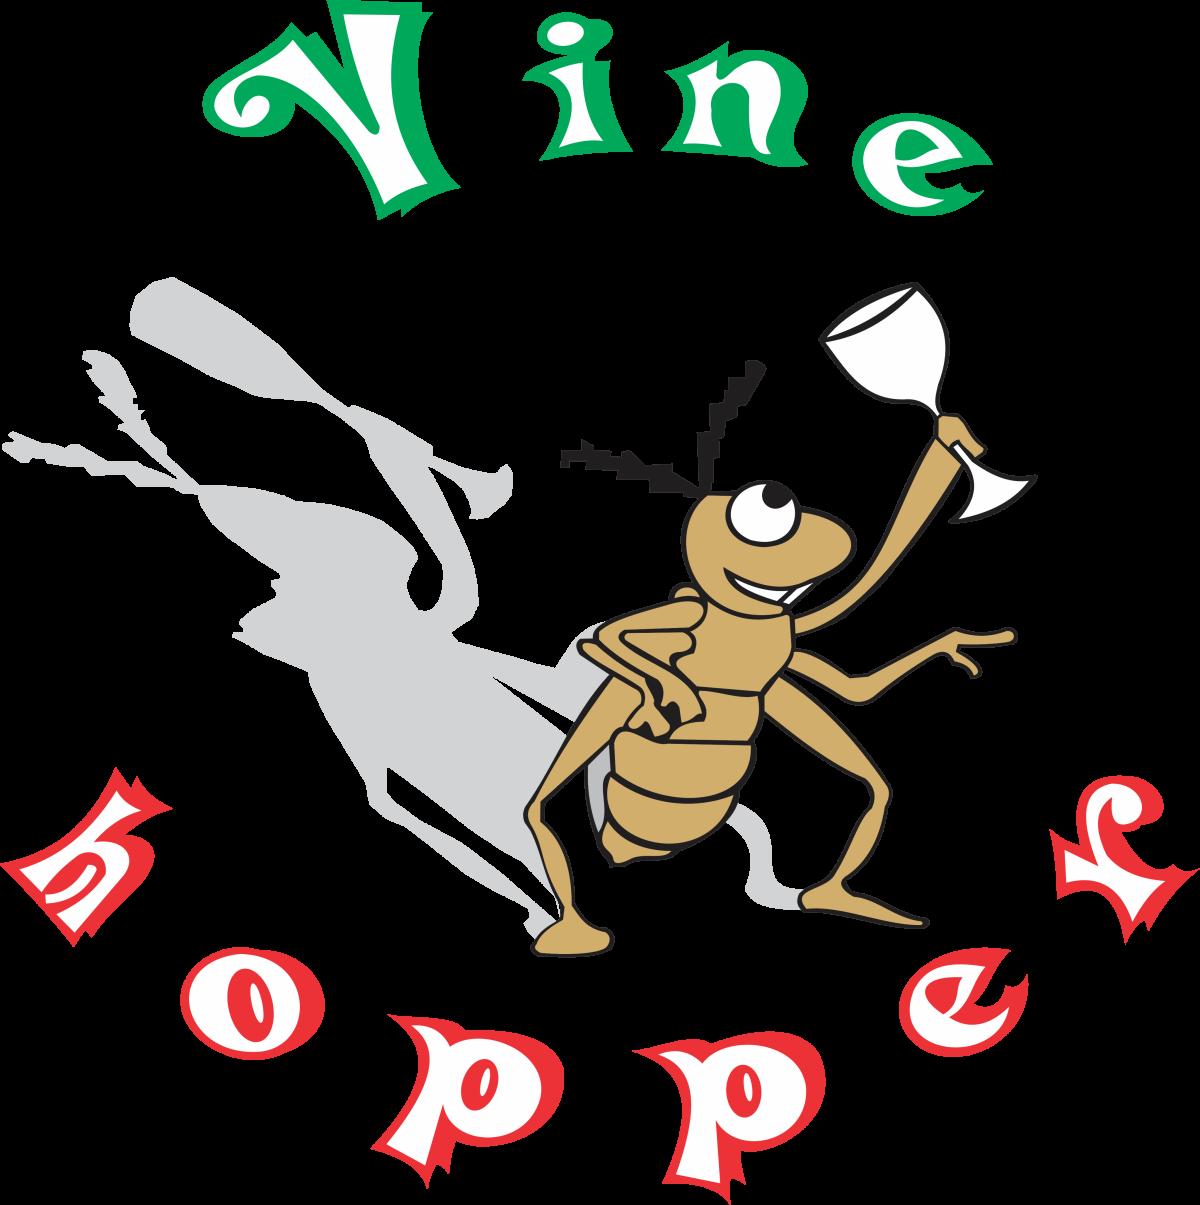 Hops clipart vine. Hopper adventure shop the